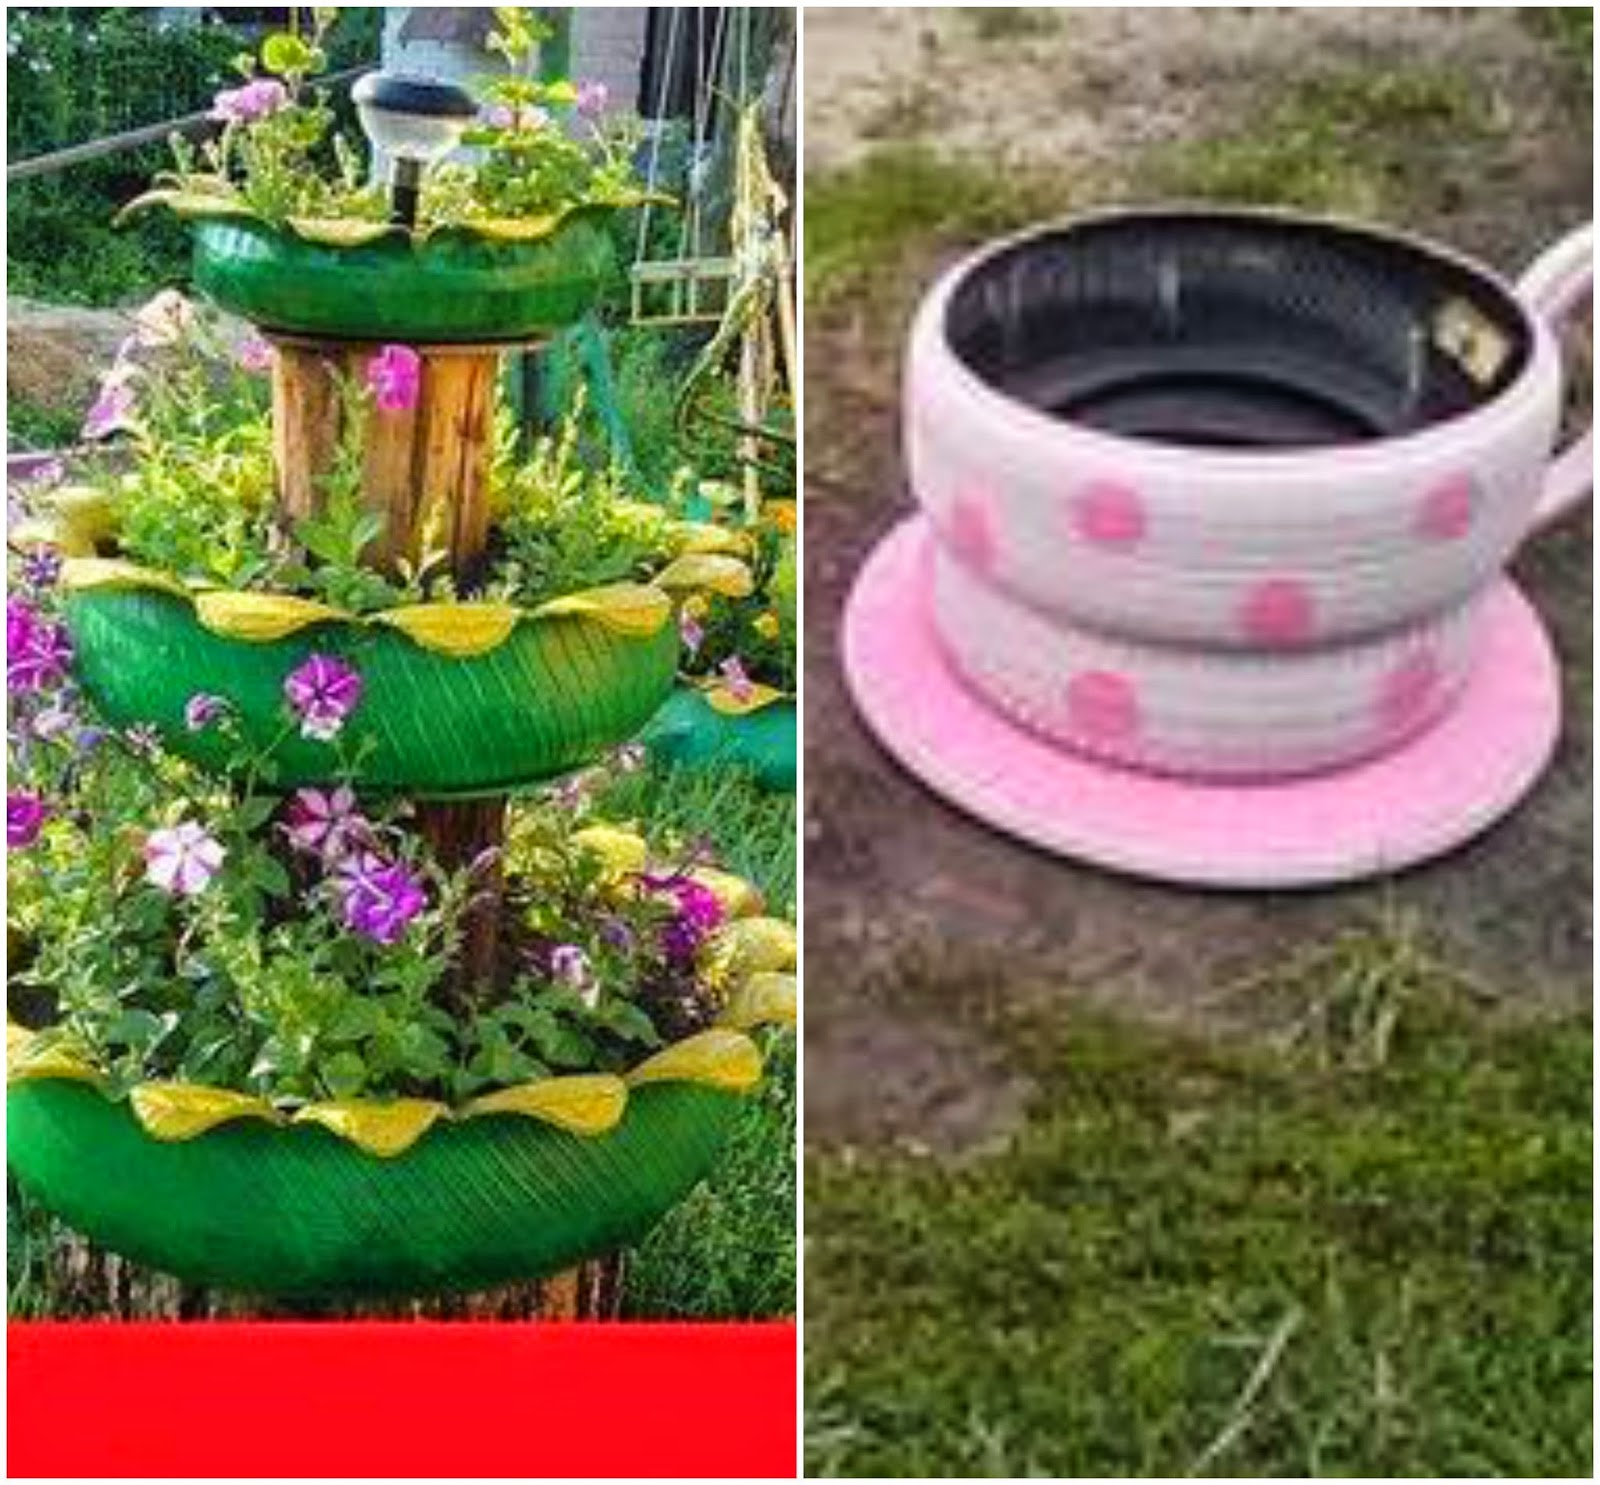 Tocando mis sue os 11 formas geniales de reutilizar las for Modelos de jardines pequenos con llantas